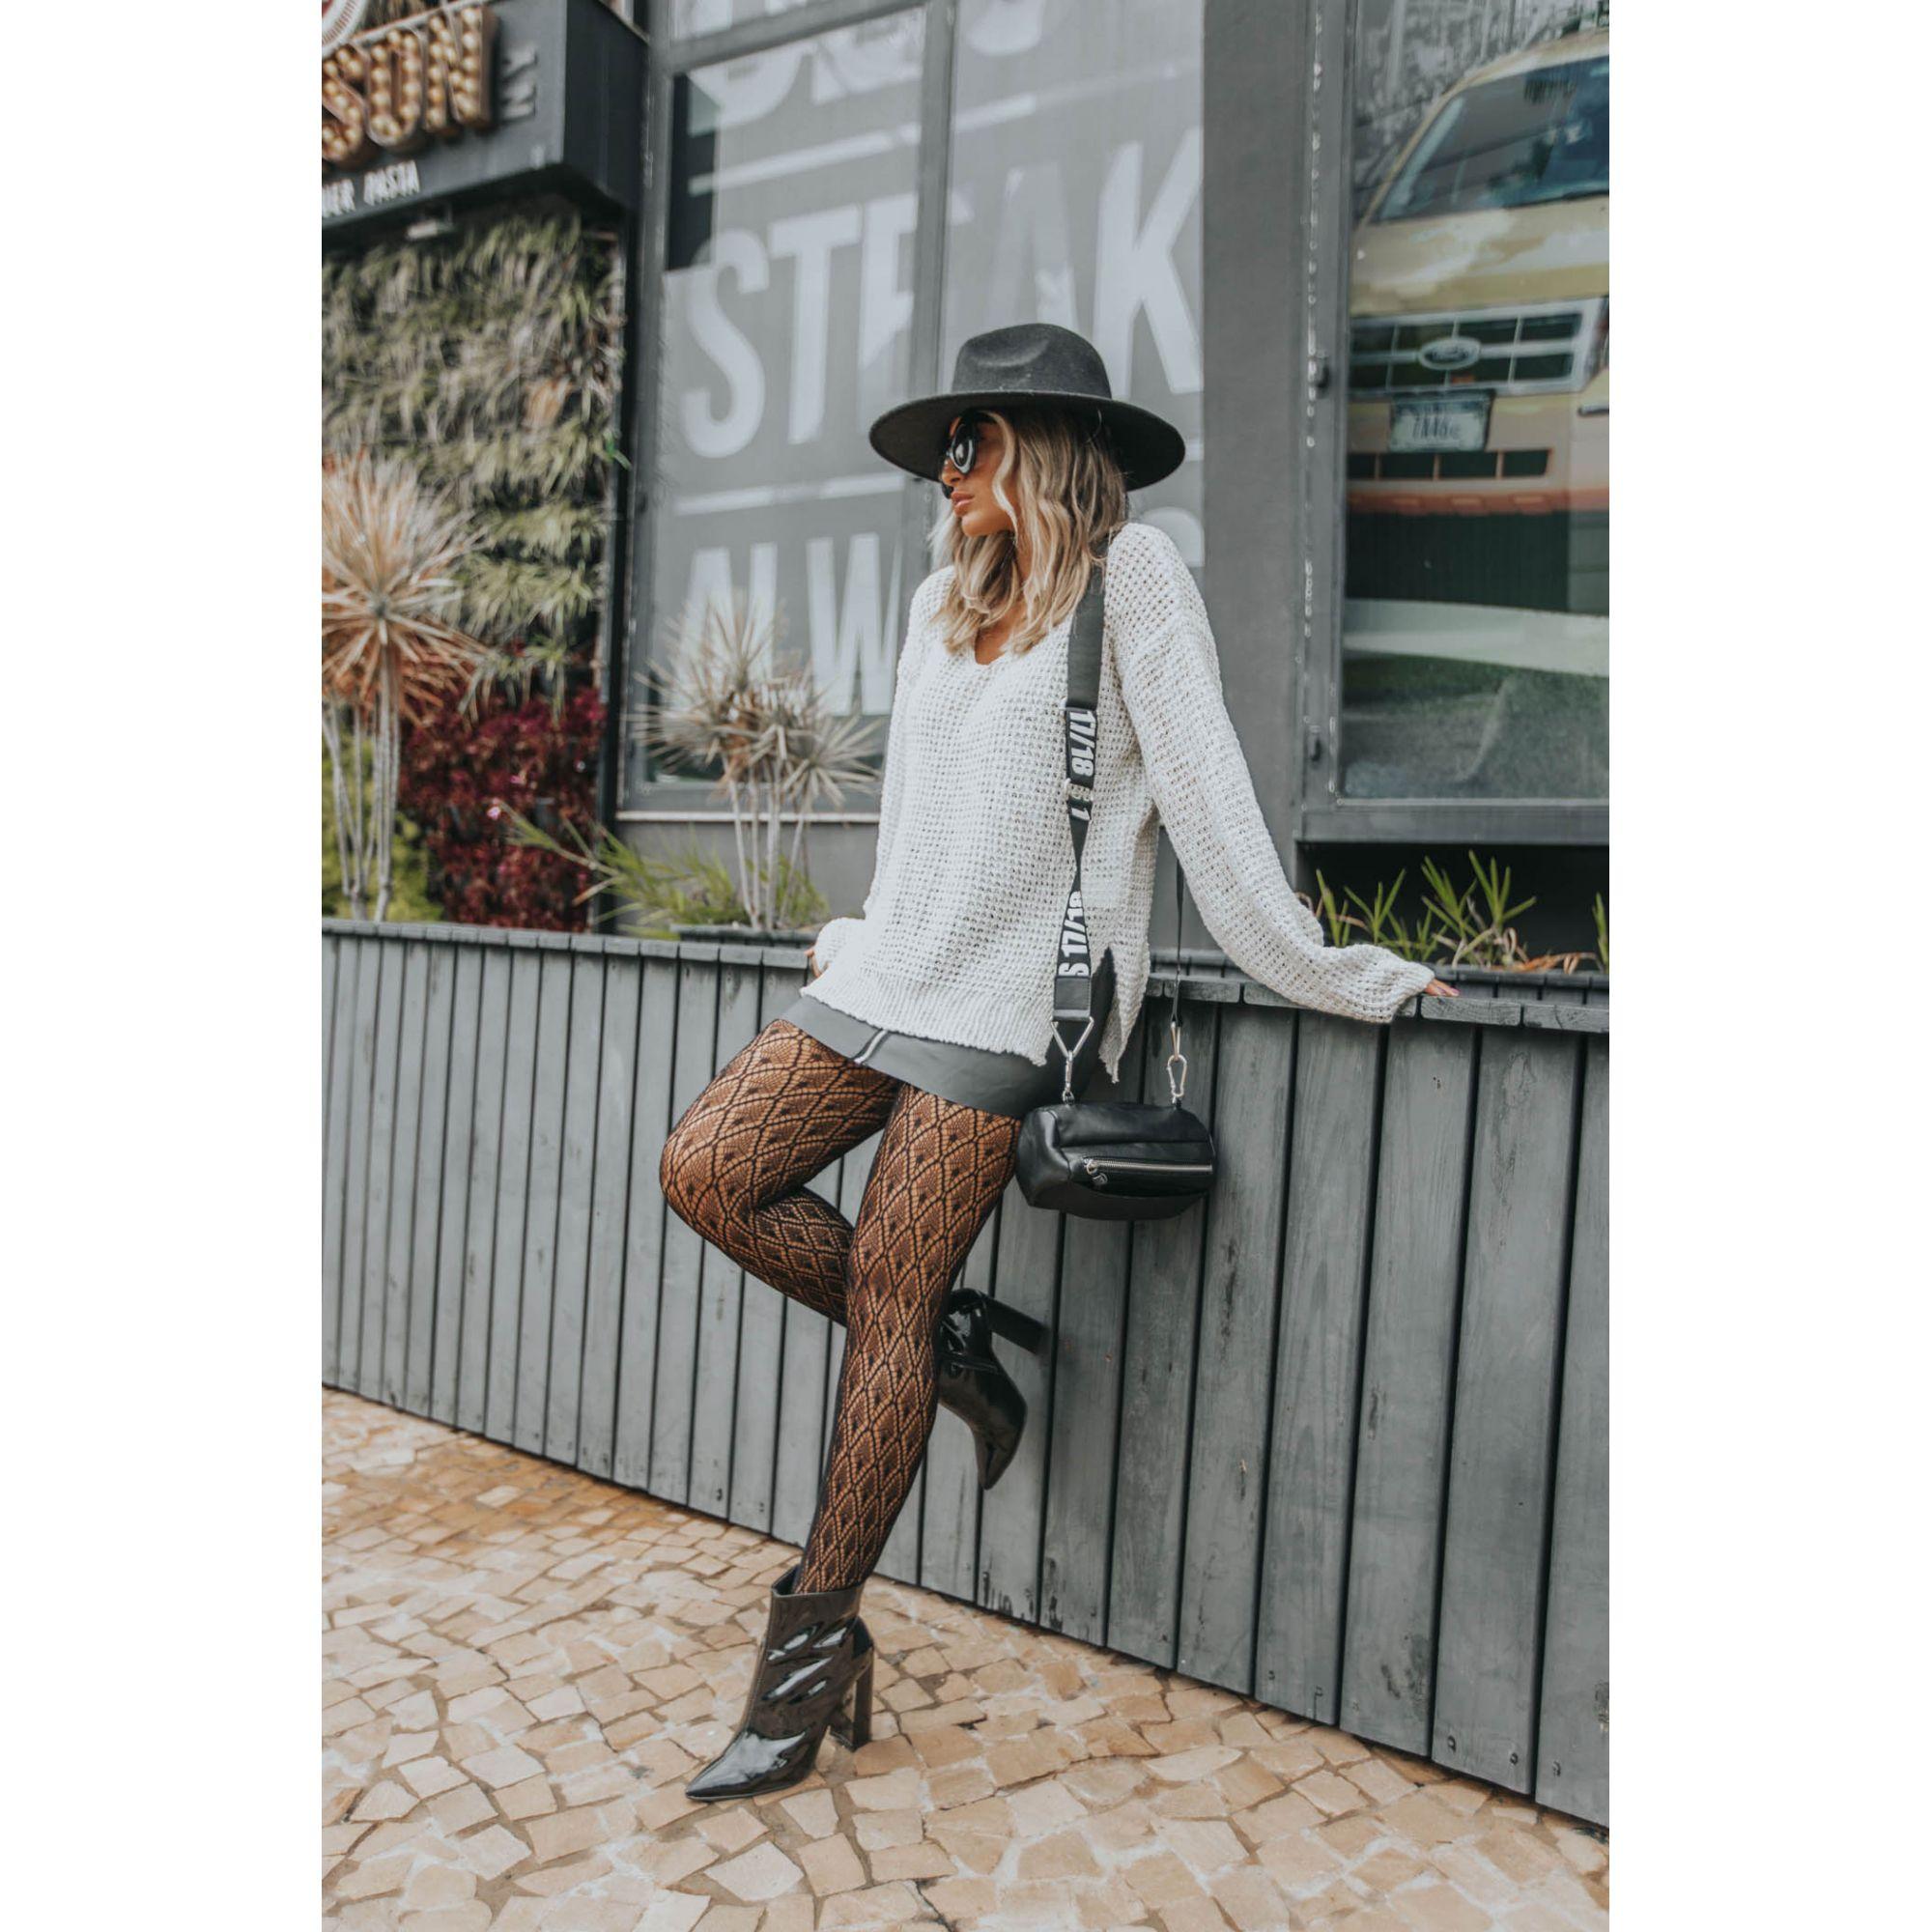 Blusa Vera Tricot Decote V Lurex Feminino Off White